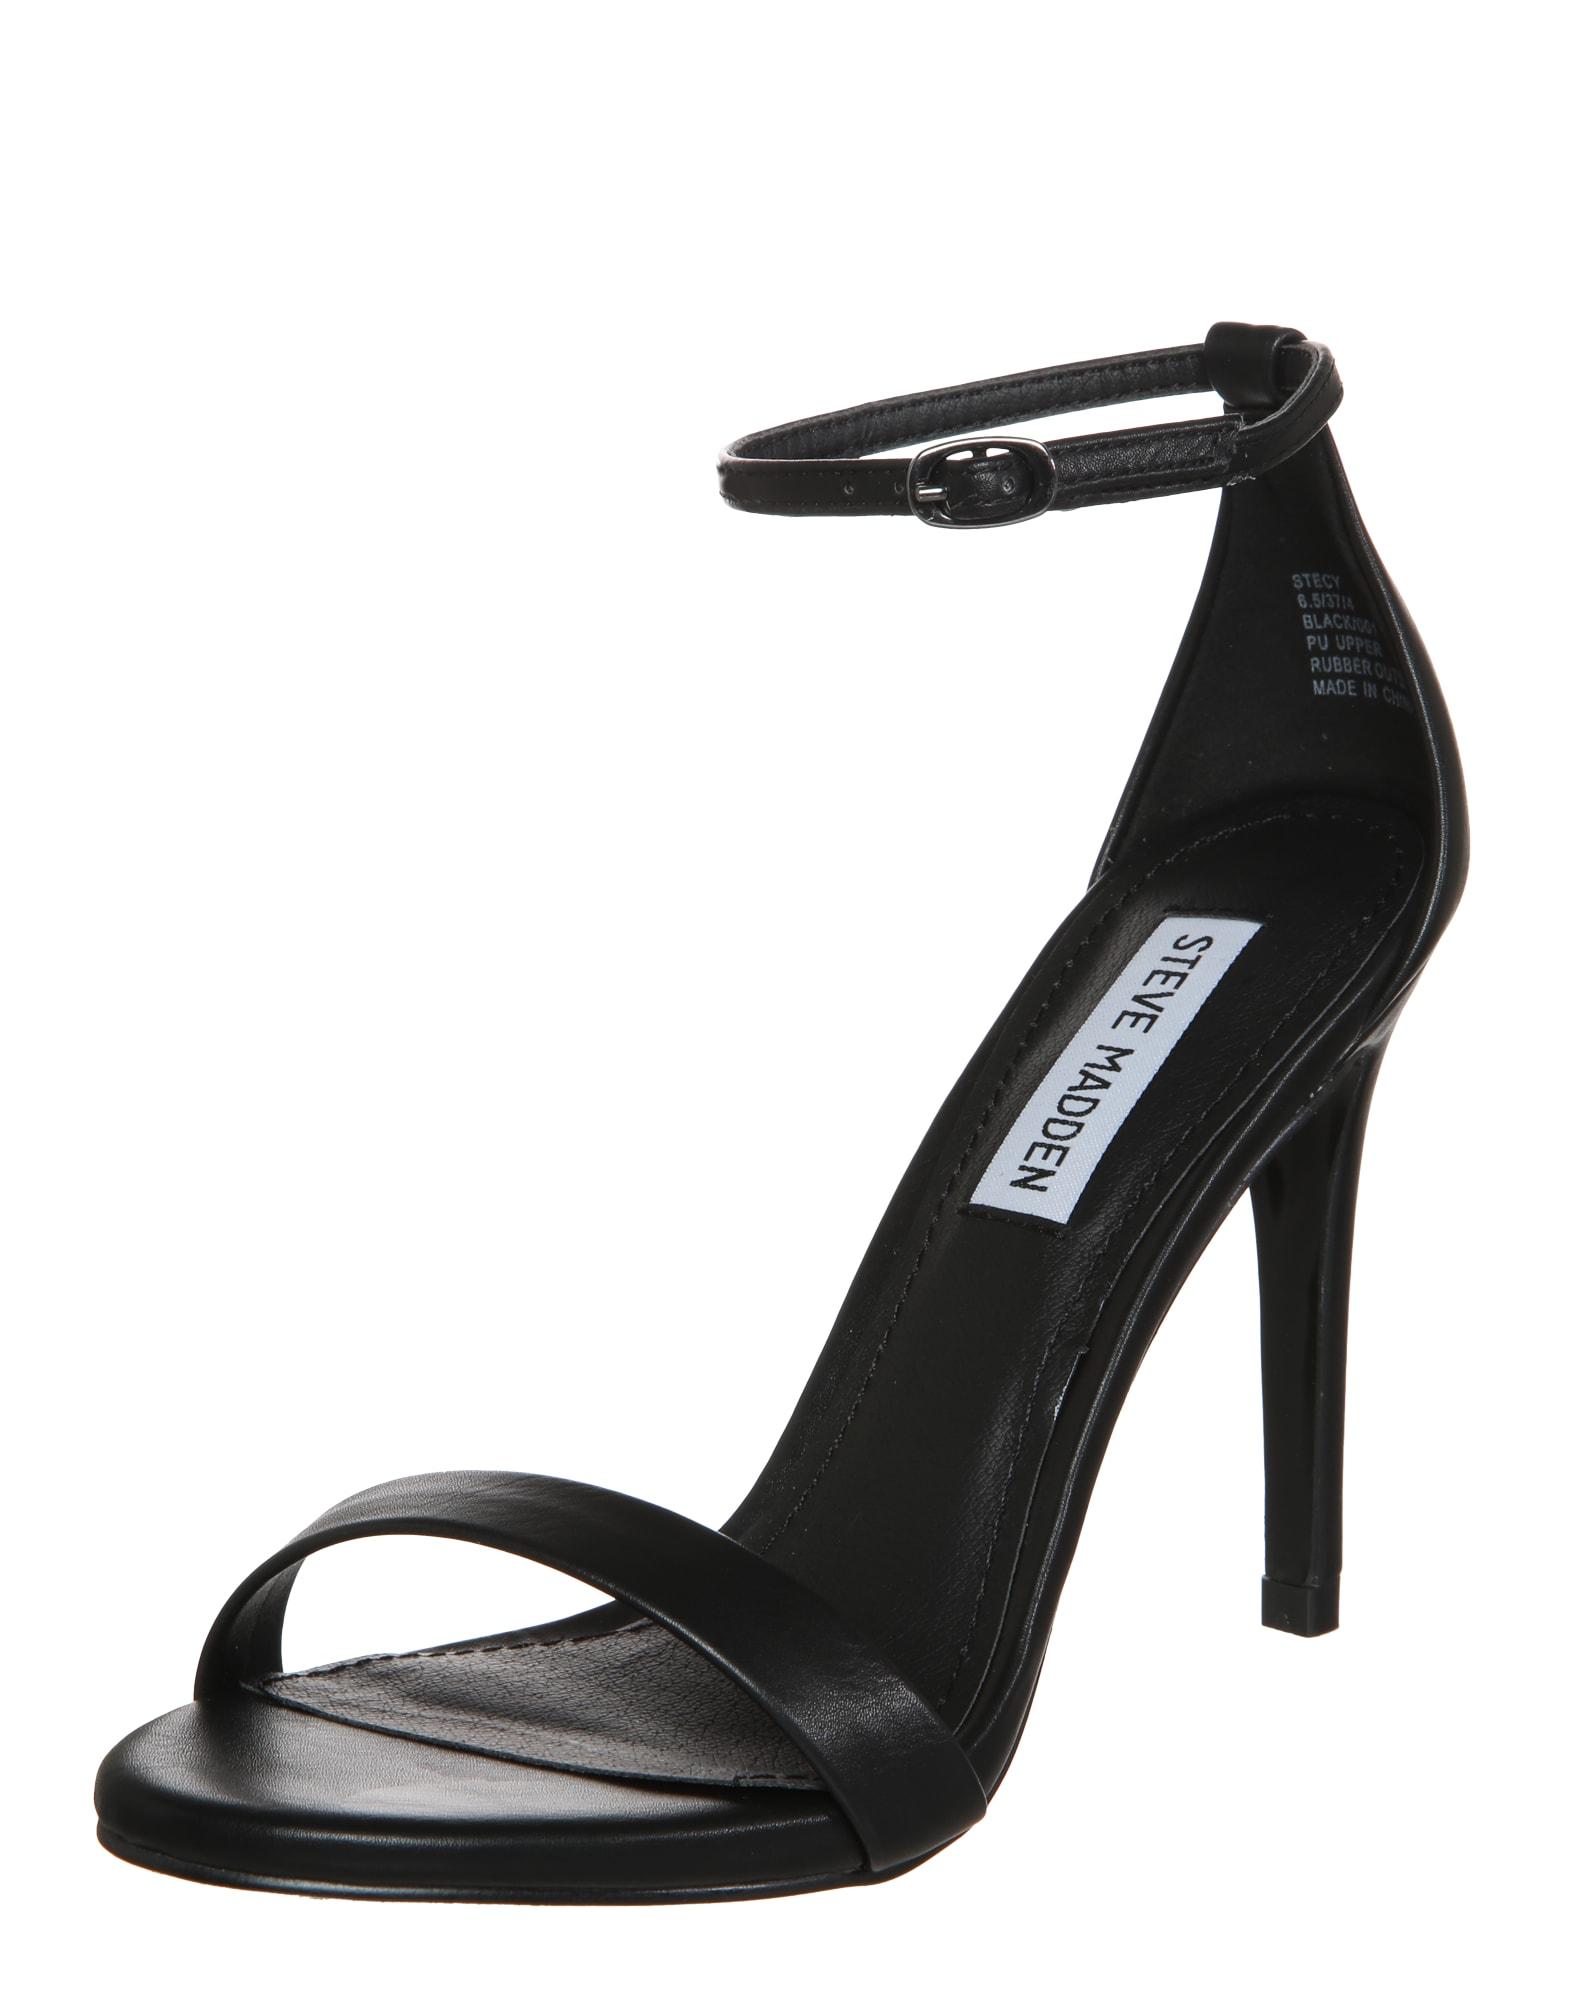 steve madden - Stiletto-Sandale in Lackoptik ´Stecy´